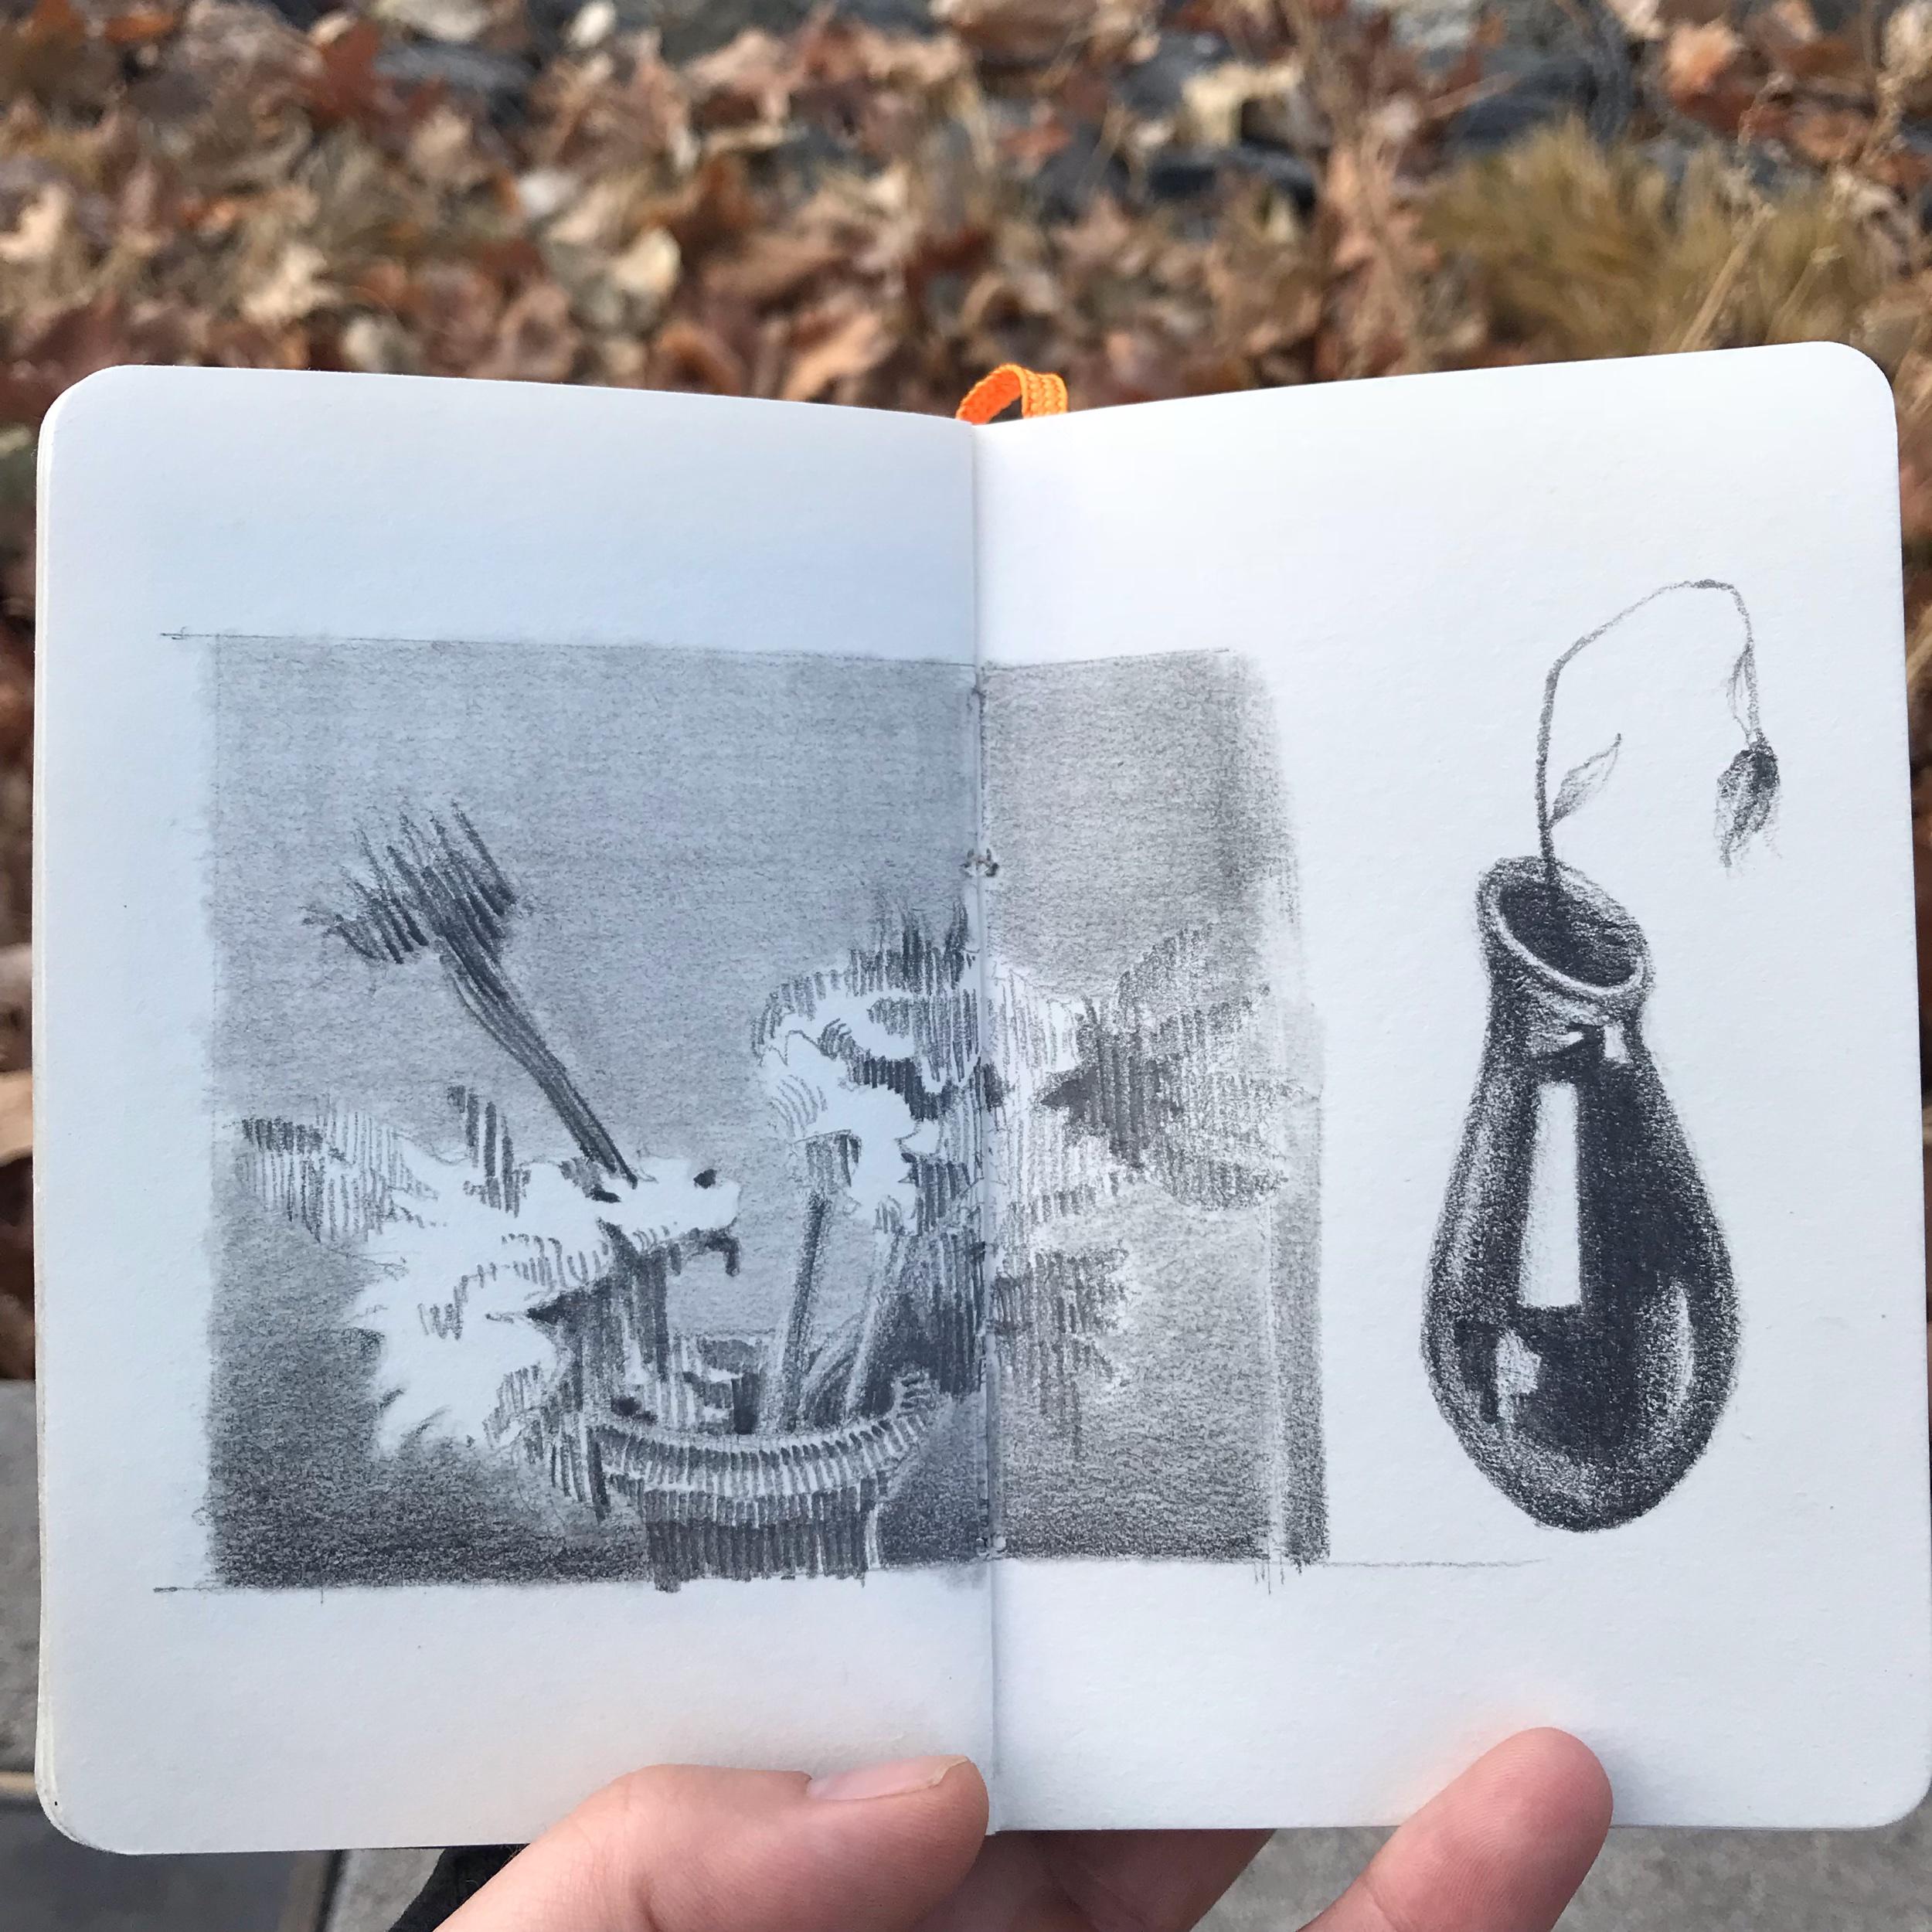 flowers & vase - pencil in sketchbook